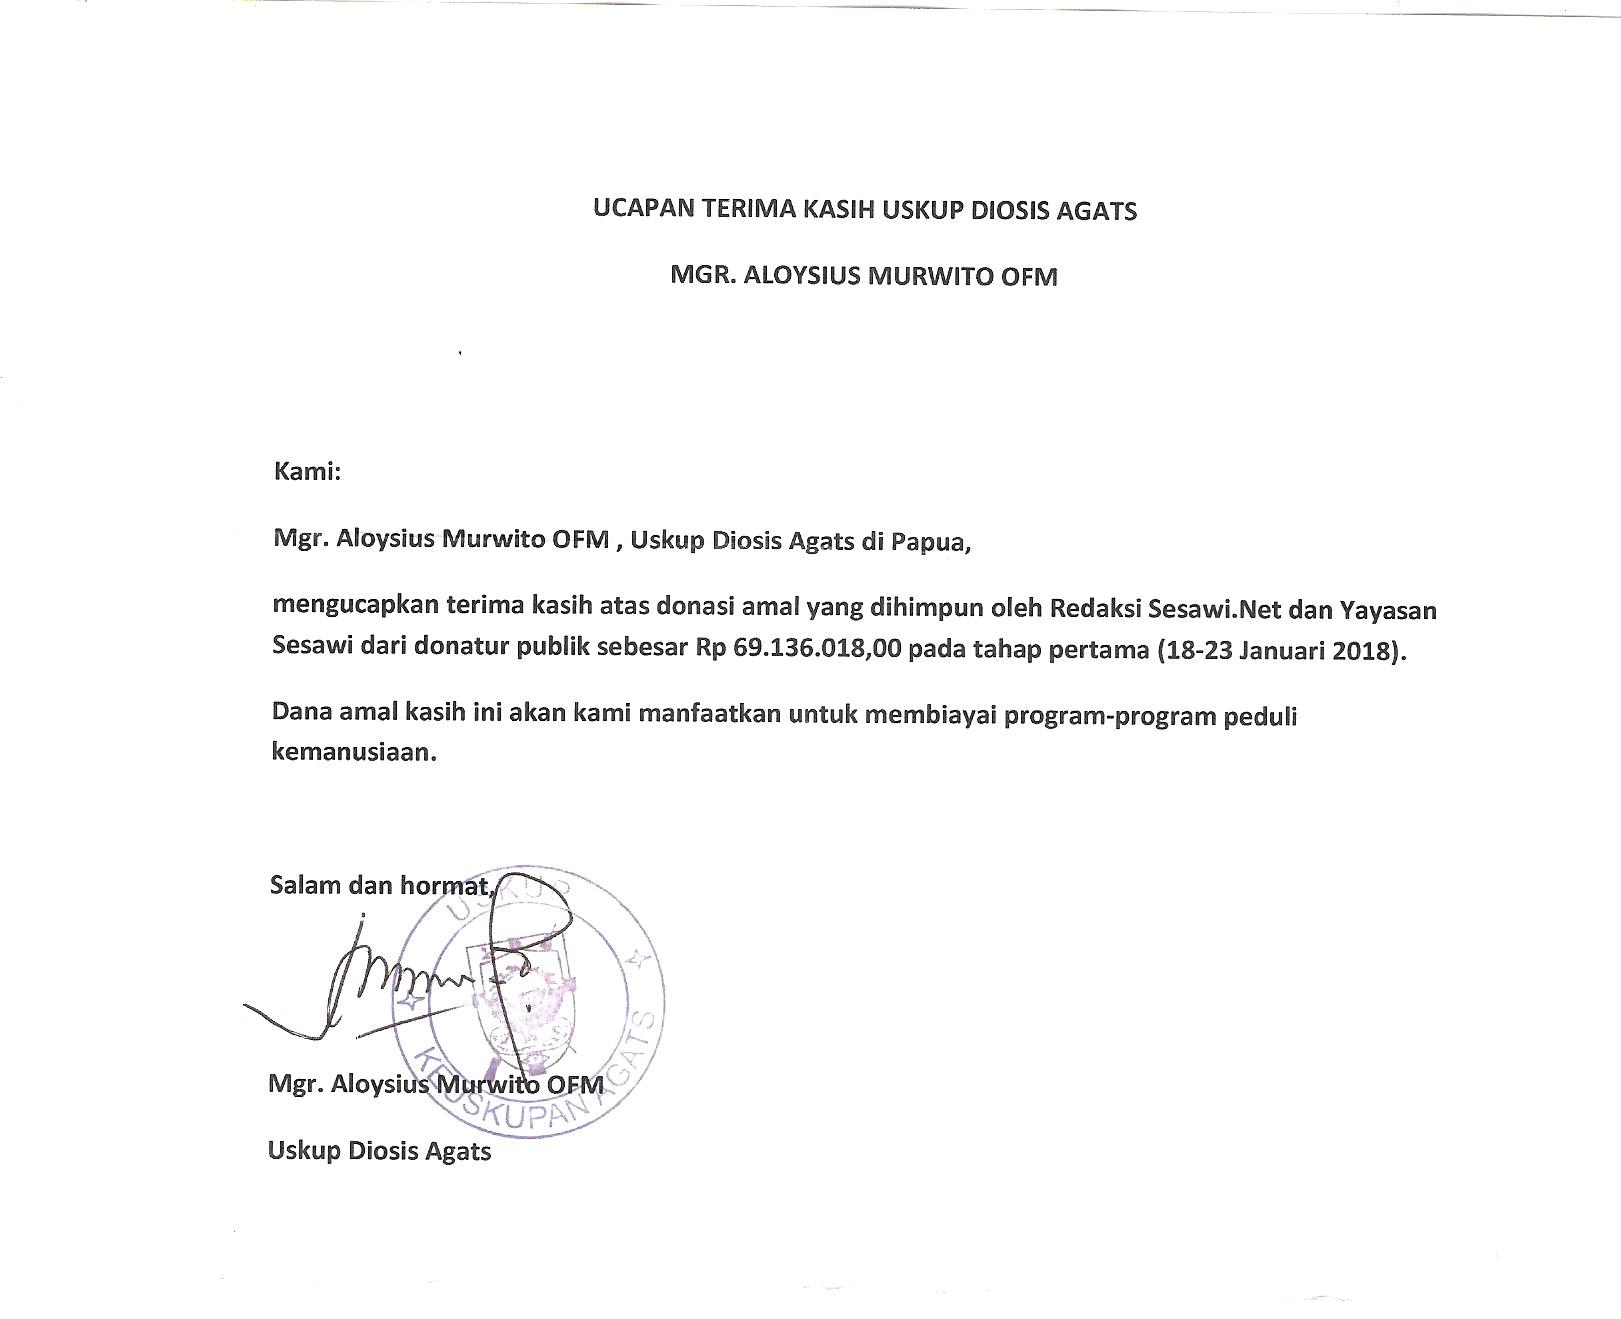 Mgr Aloysius Murwito Ofm Terima Kasih Atas Donasi Amal Kemanusiaan Untuk Asmat Melalui Sesawi Net Dan Yayasan Sesawi Sesawi Net